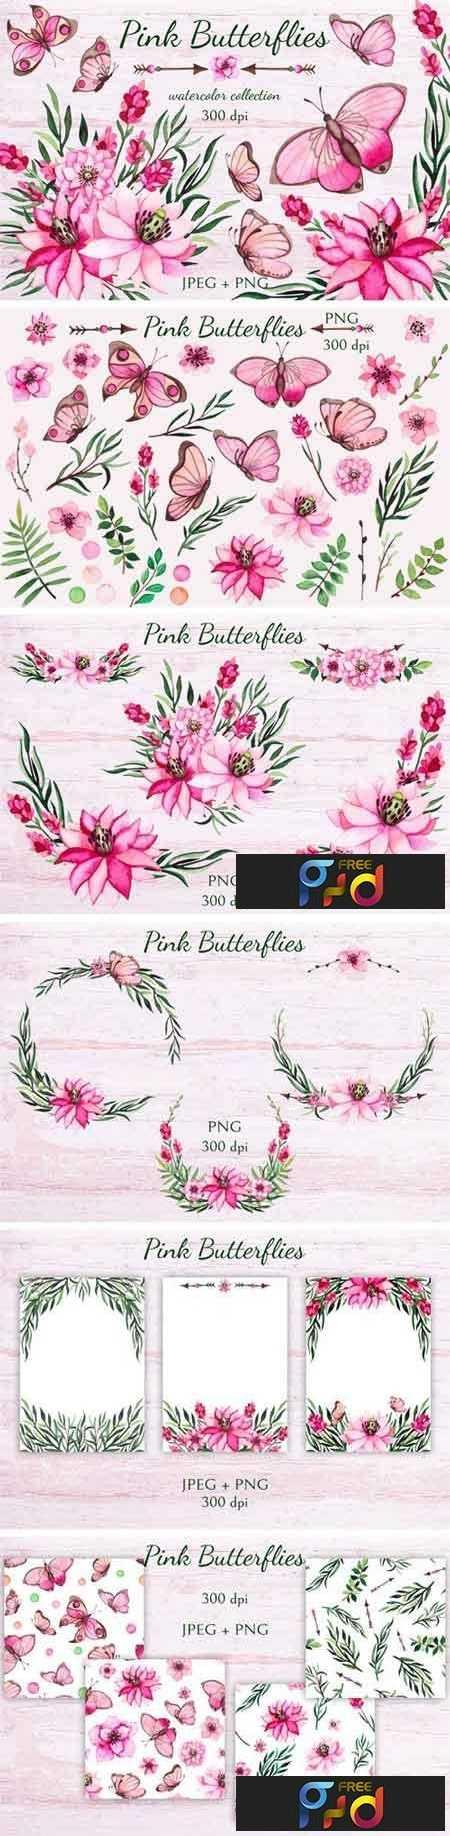 1807252 Pink Butterflies 99266 1